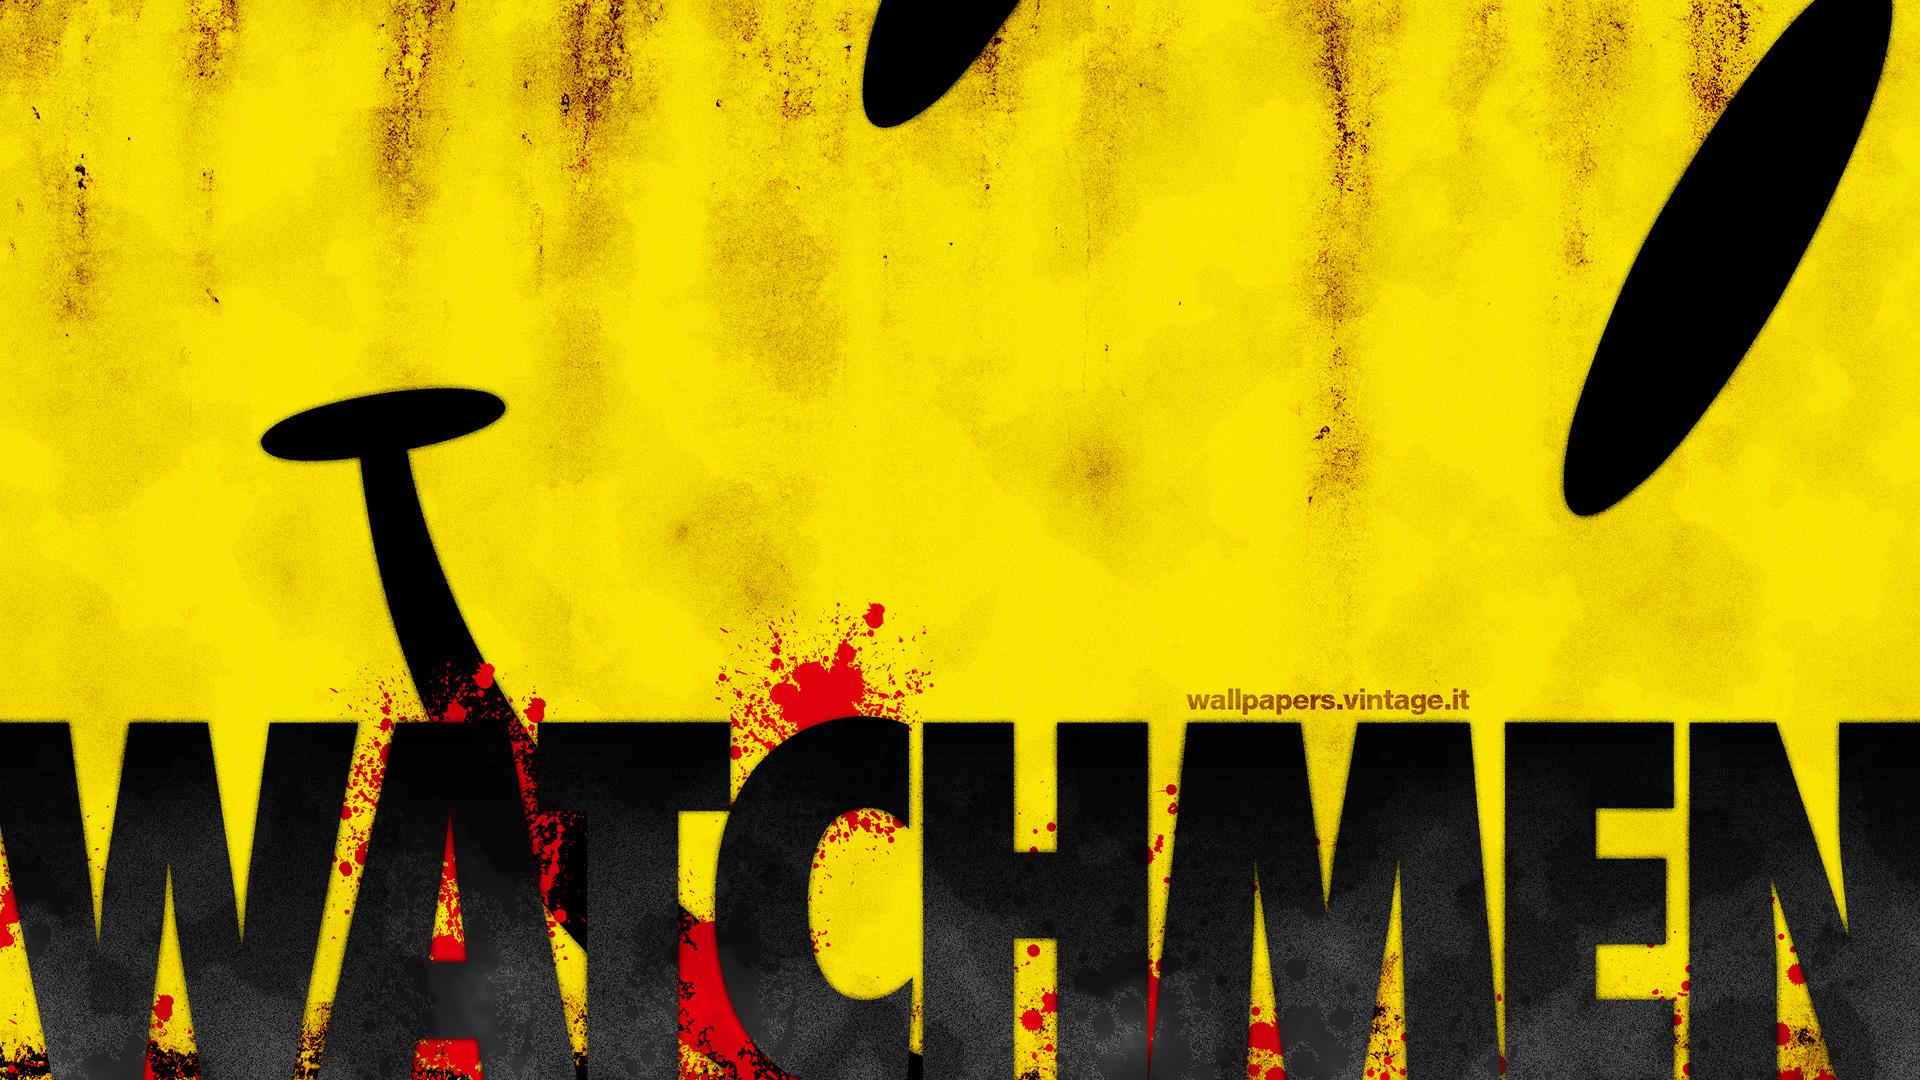 Watchmen wallpaper   Desktop HD iPad iPhone wallpapers 1920x1080